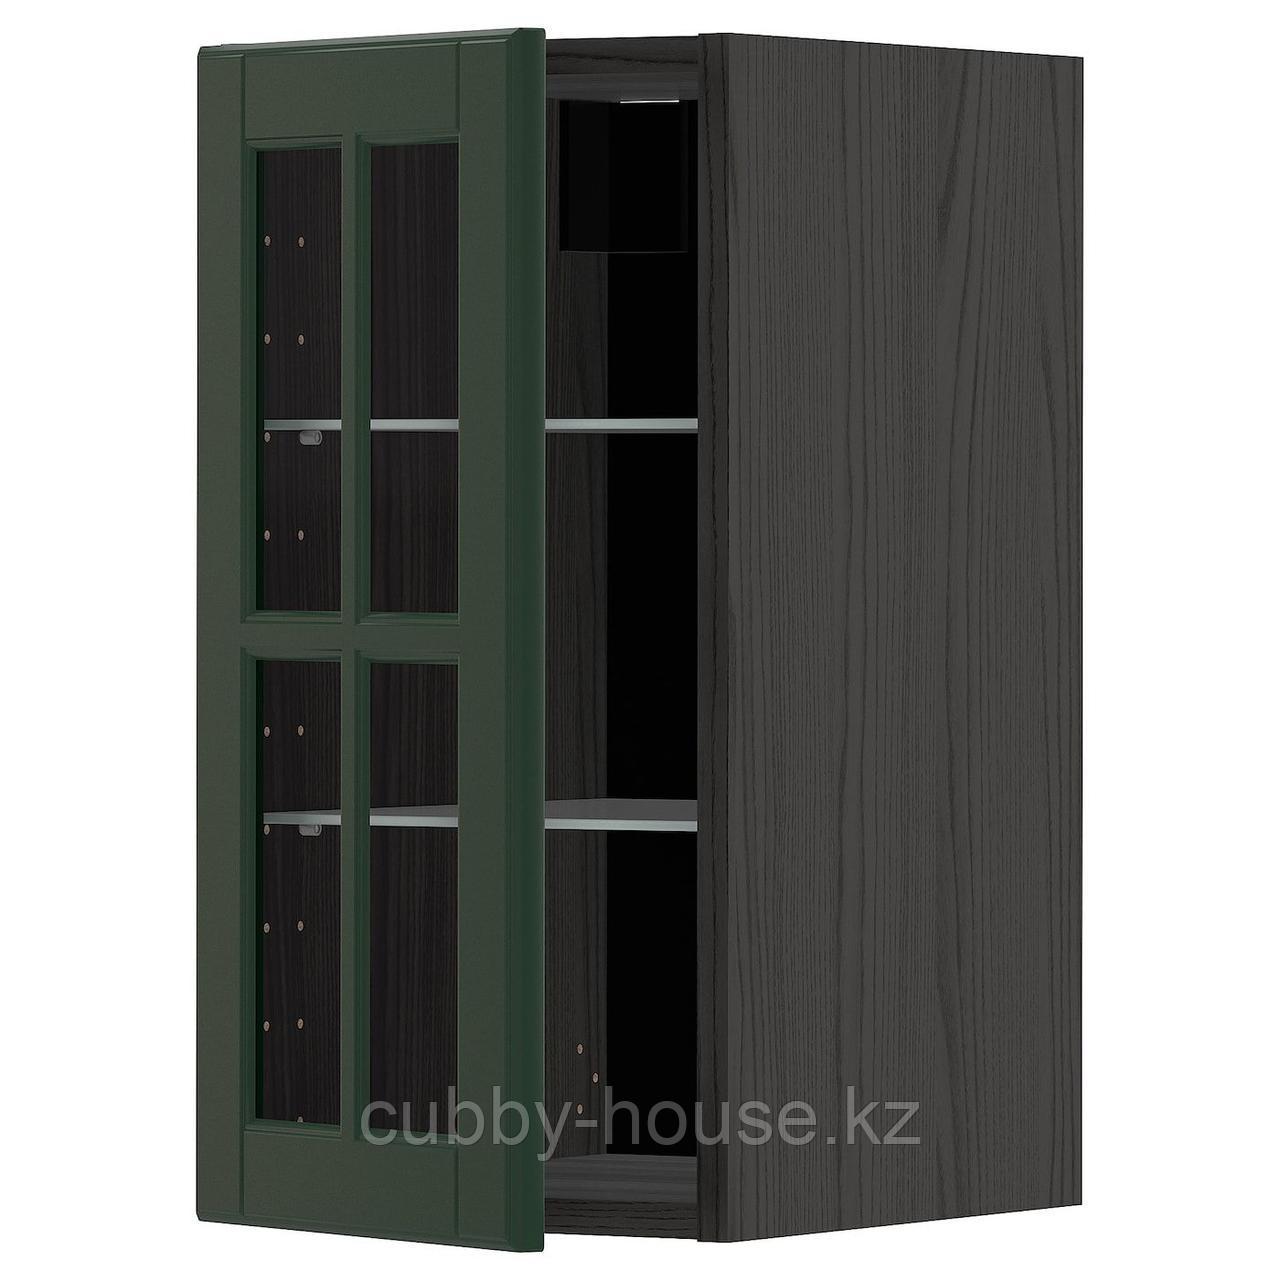 МЕТОД Навесной шкаф с полками/стекл дв, белый, Будбин темно-зеленый, 30x60 см